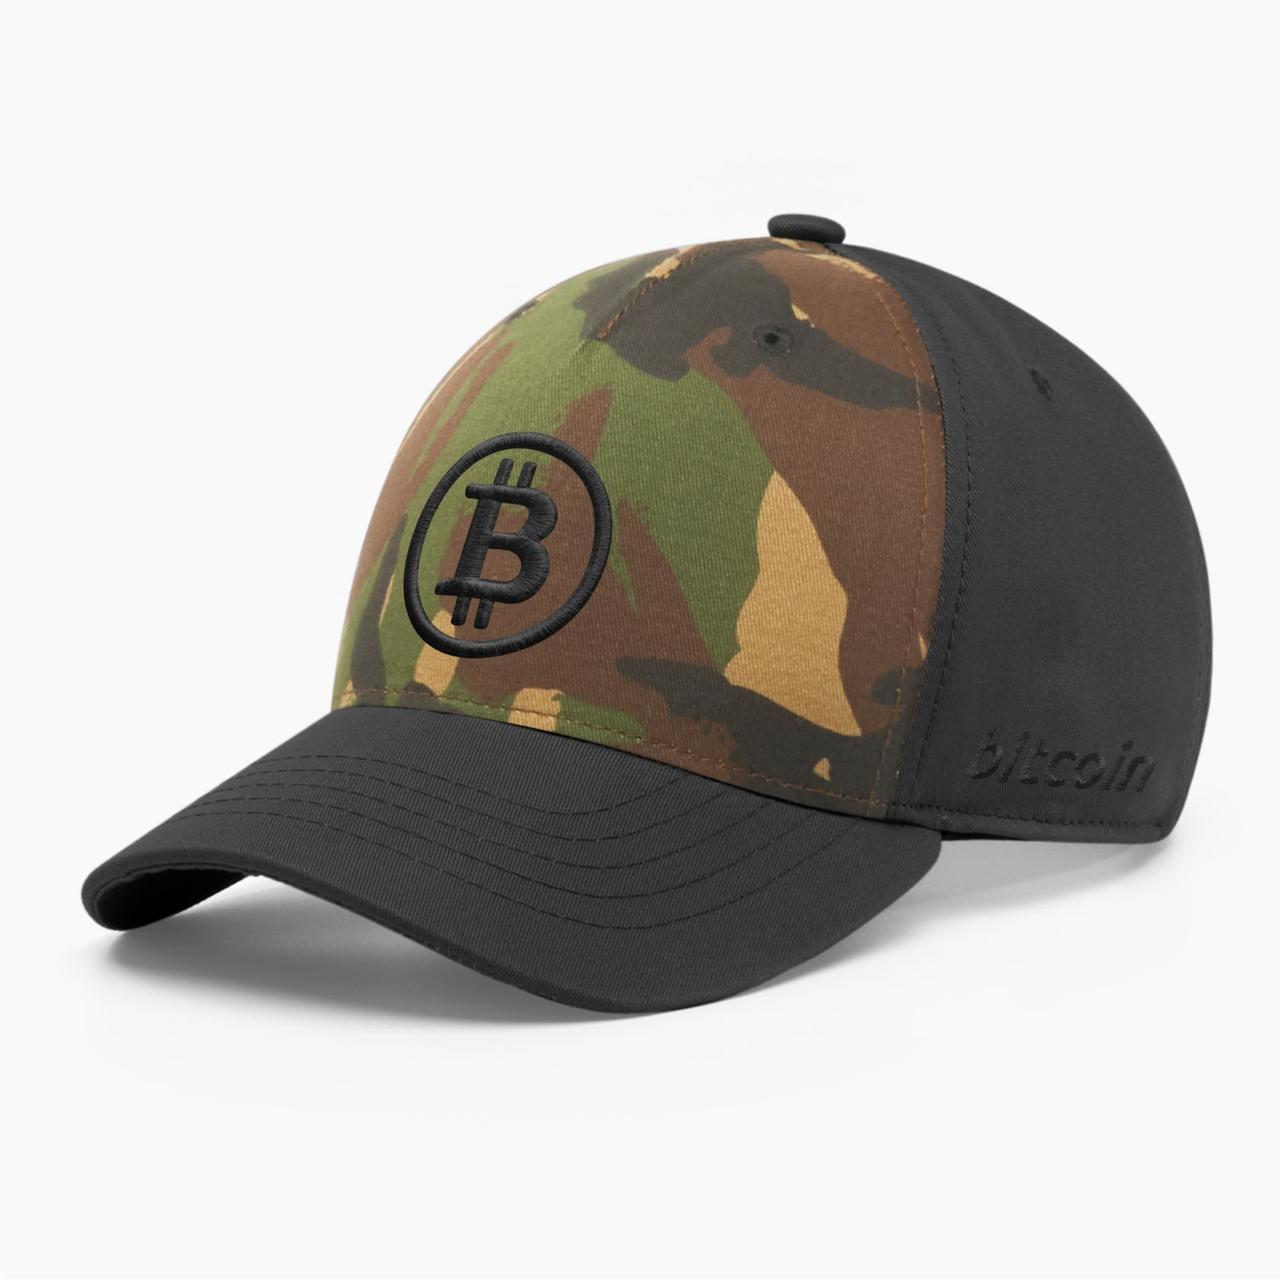 Кепка бейсболка INAL Биткоин Bitcoin BTC S / 53-54 RU Хаки 5053